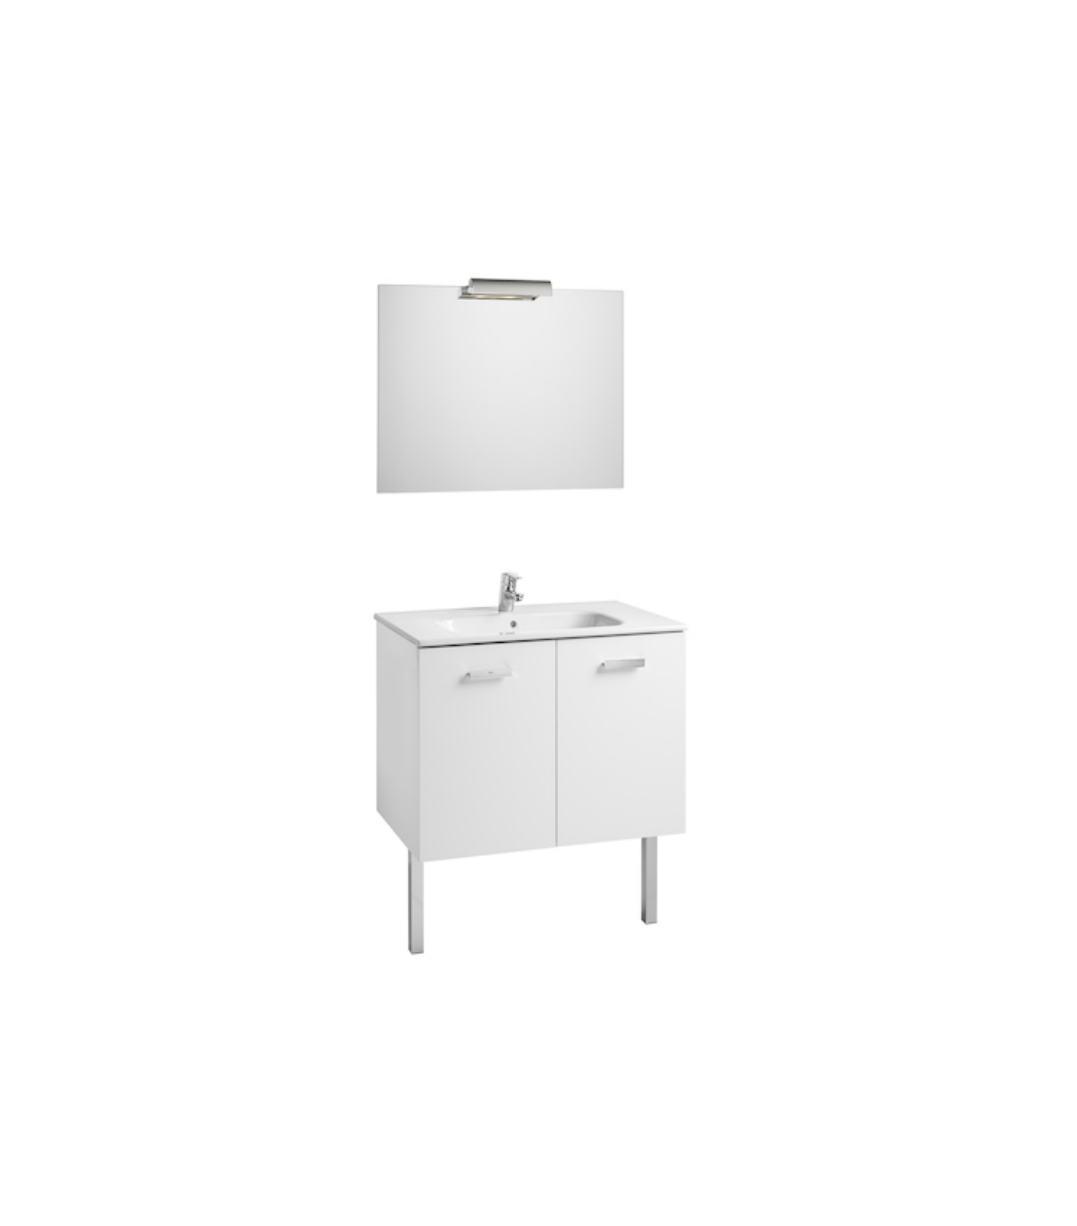 Conjunto mueble de ba o roca victoria basic 80x46 blanco for Roca victoria precio